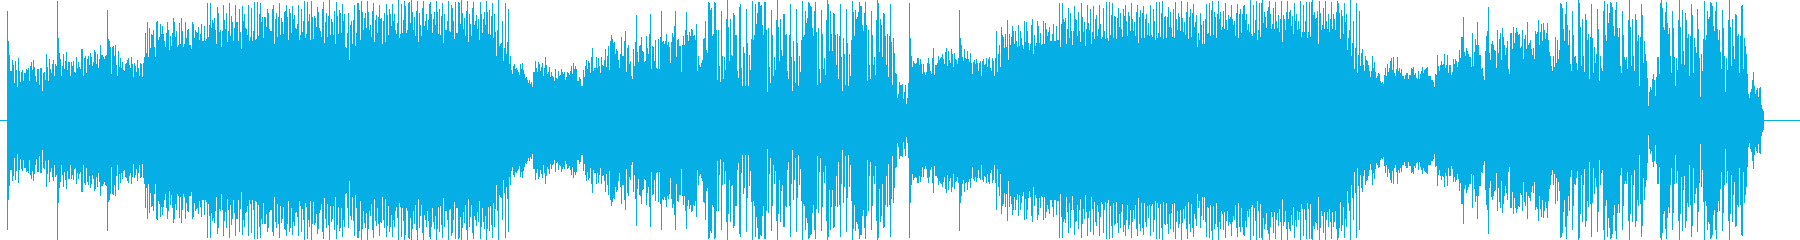 スリリングなダブステップの再生済みの波形